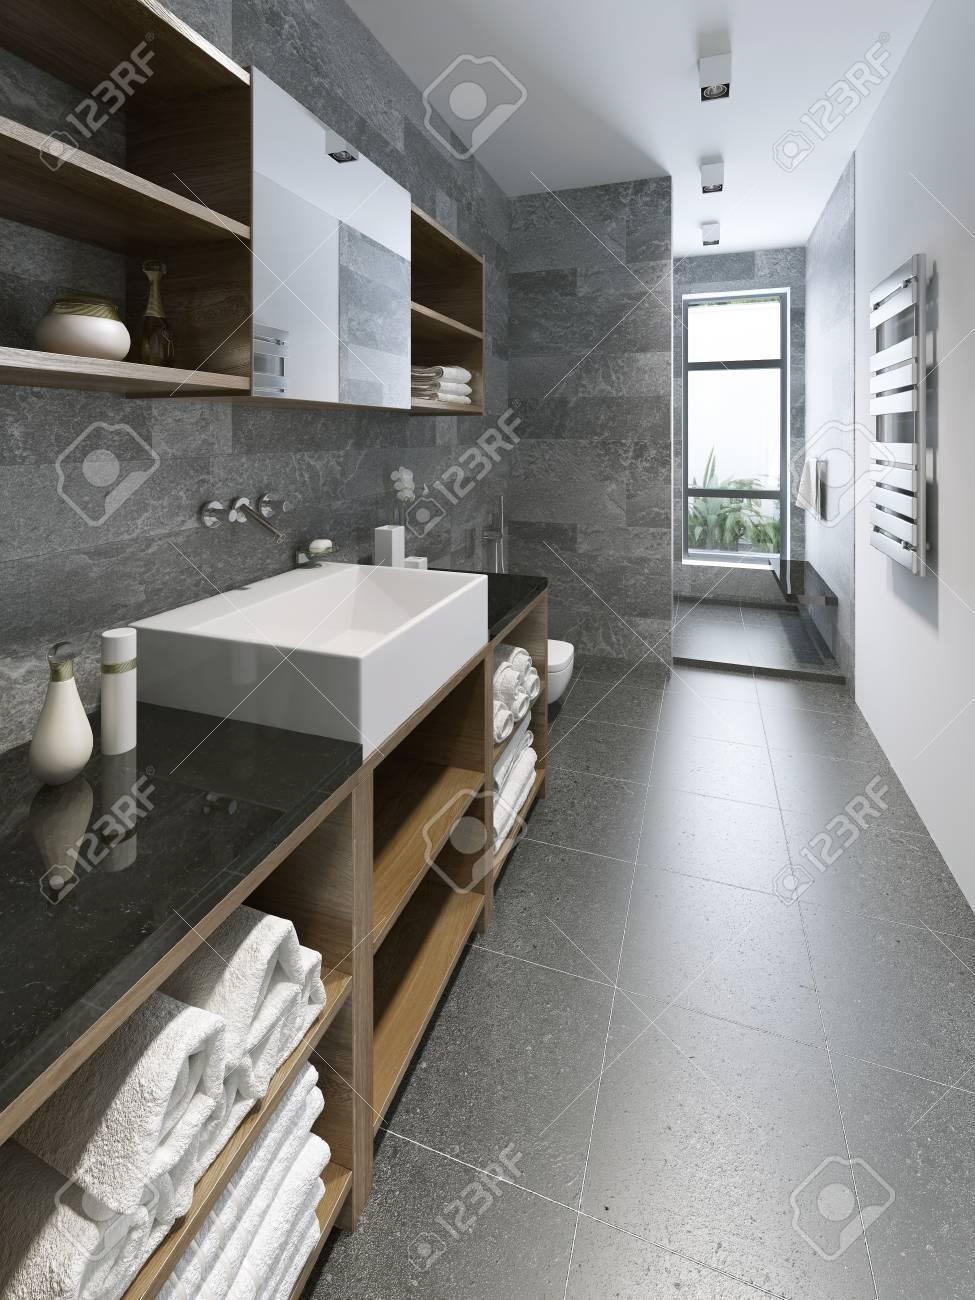 High-tech de salle de bains design. L\'éclairage et les fenêtres de la salle  de bains. Mixtes murs de couleur blanc et gris. 3D render